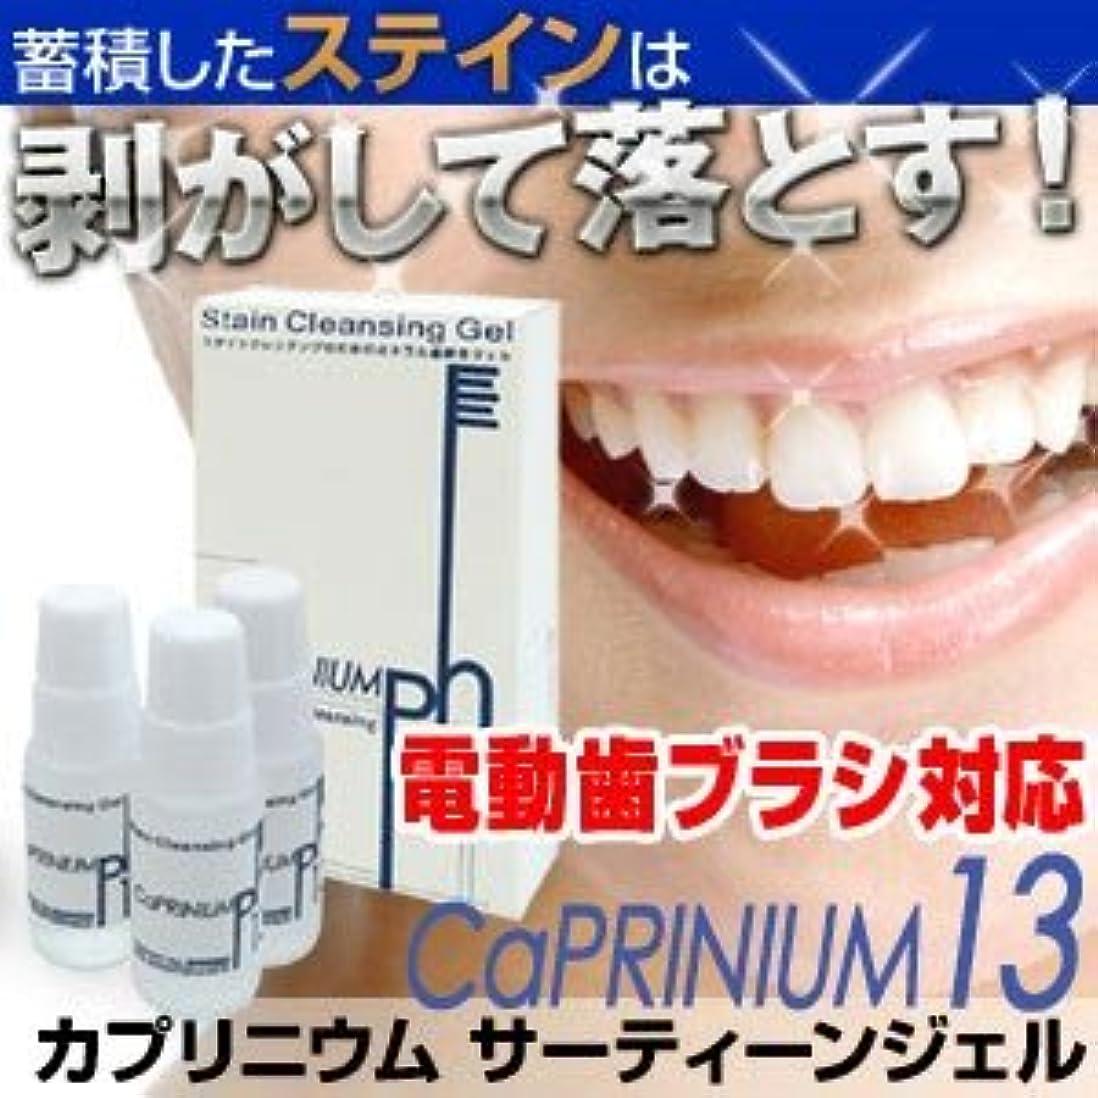 部分的目覚めるアーサーコナンドイルカプリニウム サーティーンジェル(CaPRINIUM 13) 新発想のホワイトニング歯磨きジェル